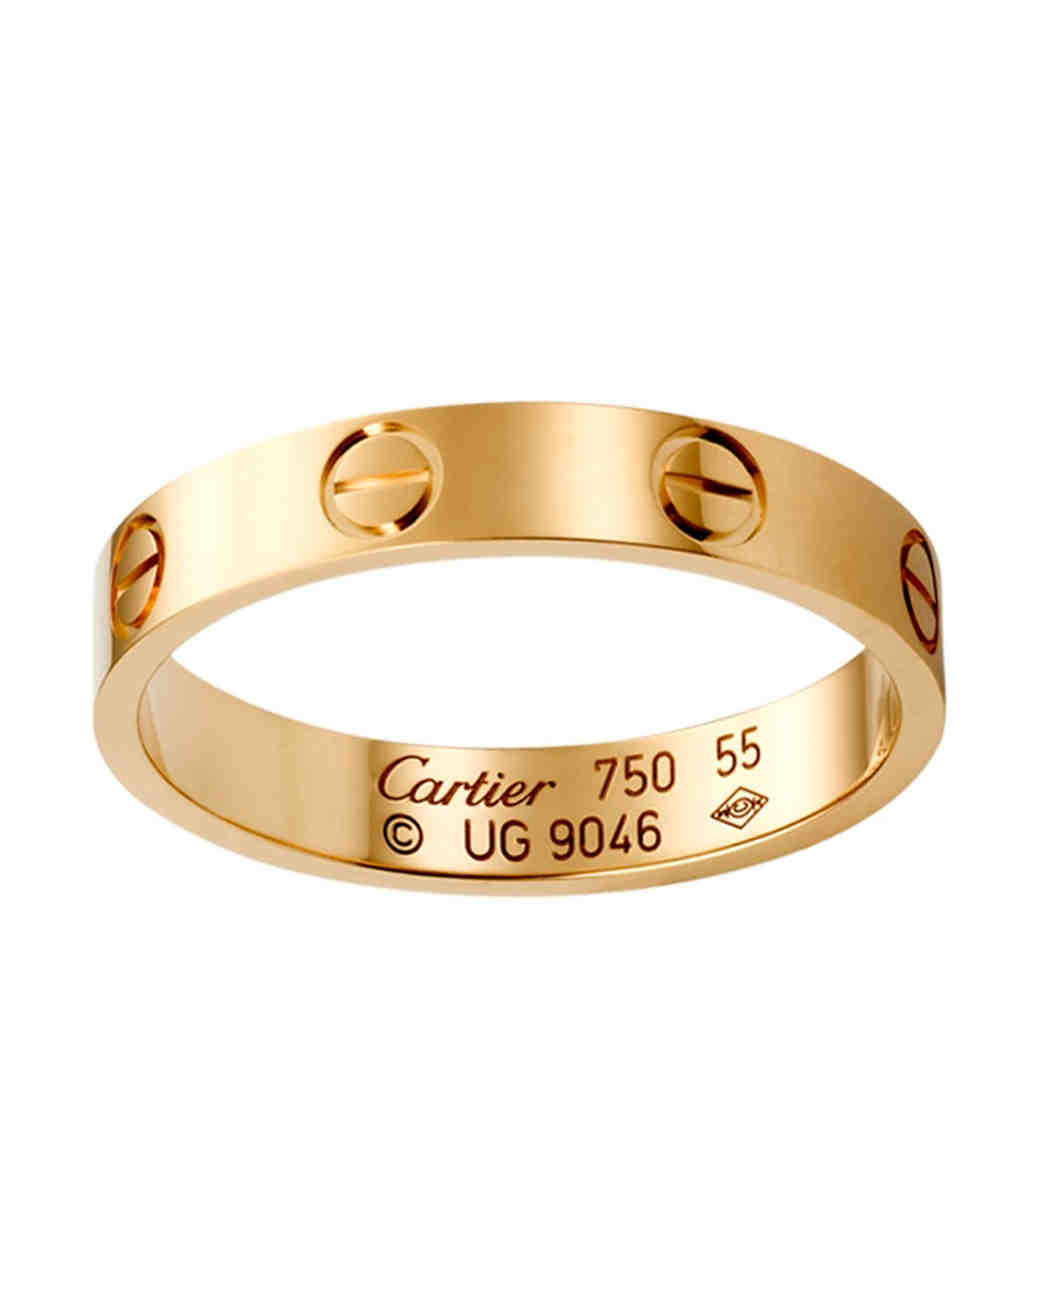 gold wedding bands women weve taken shine to gold womens wedding rings Cartier